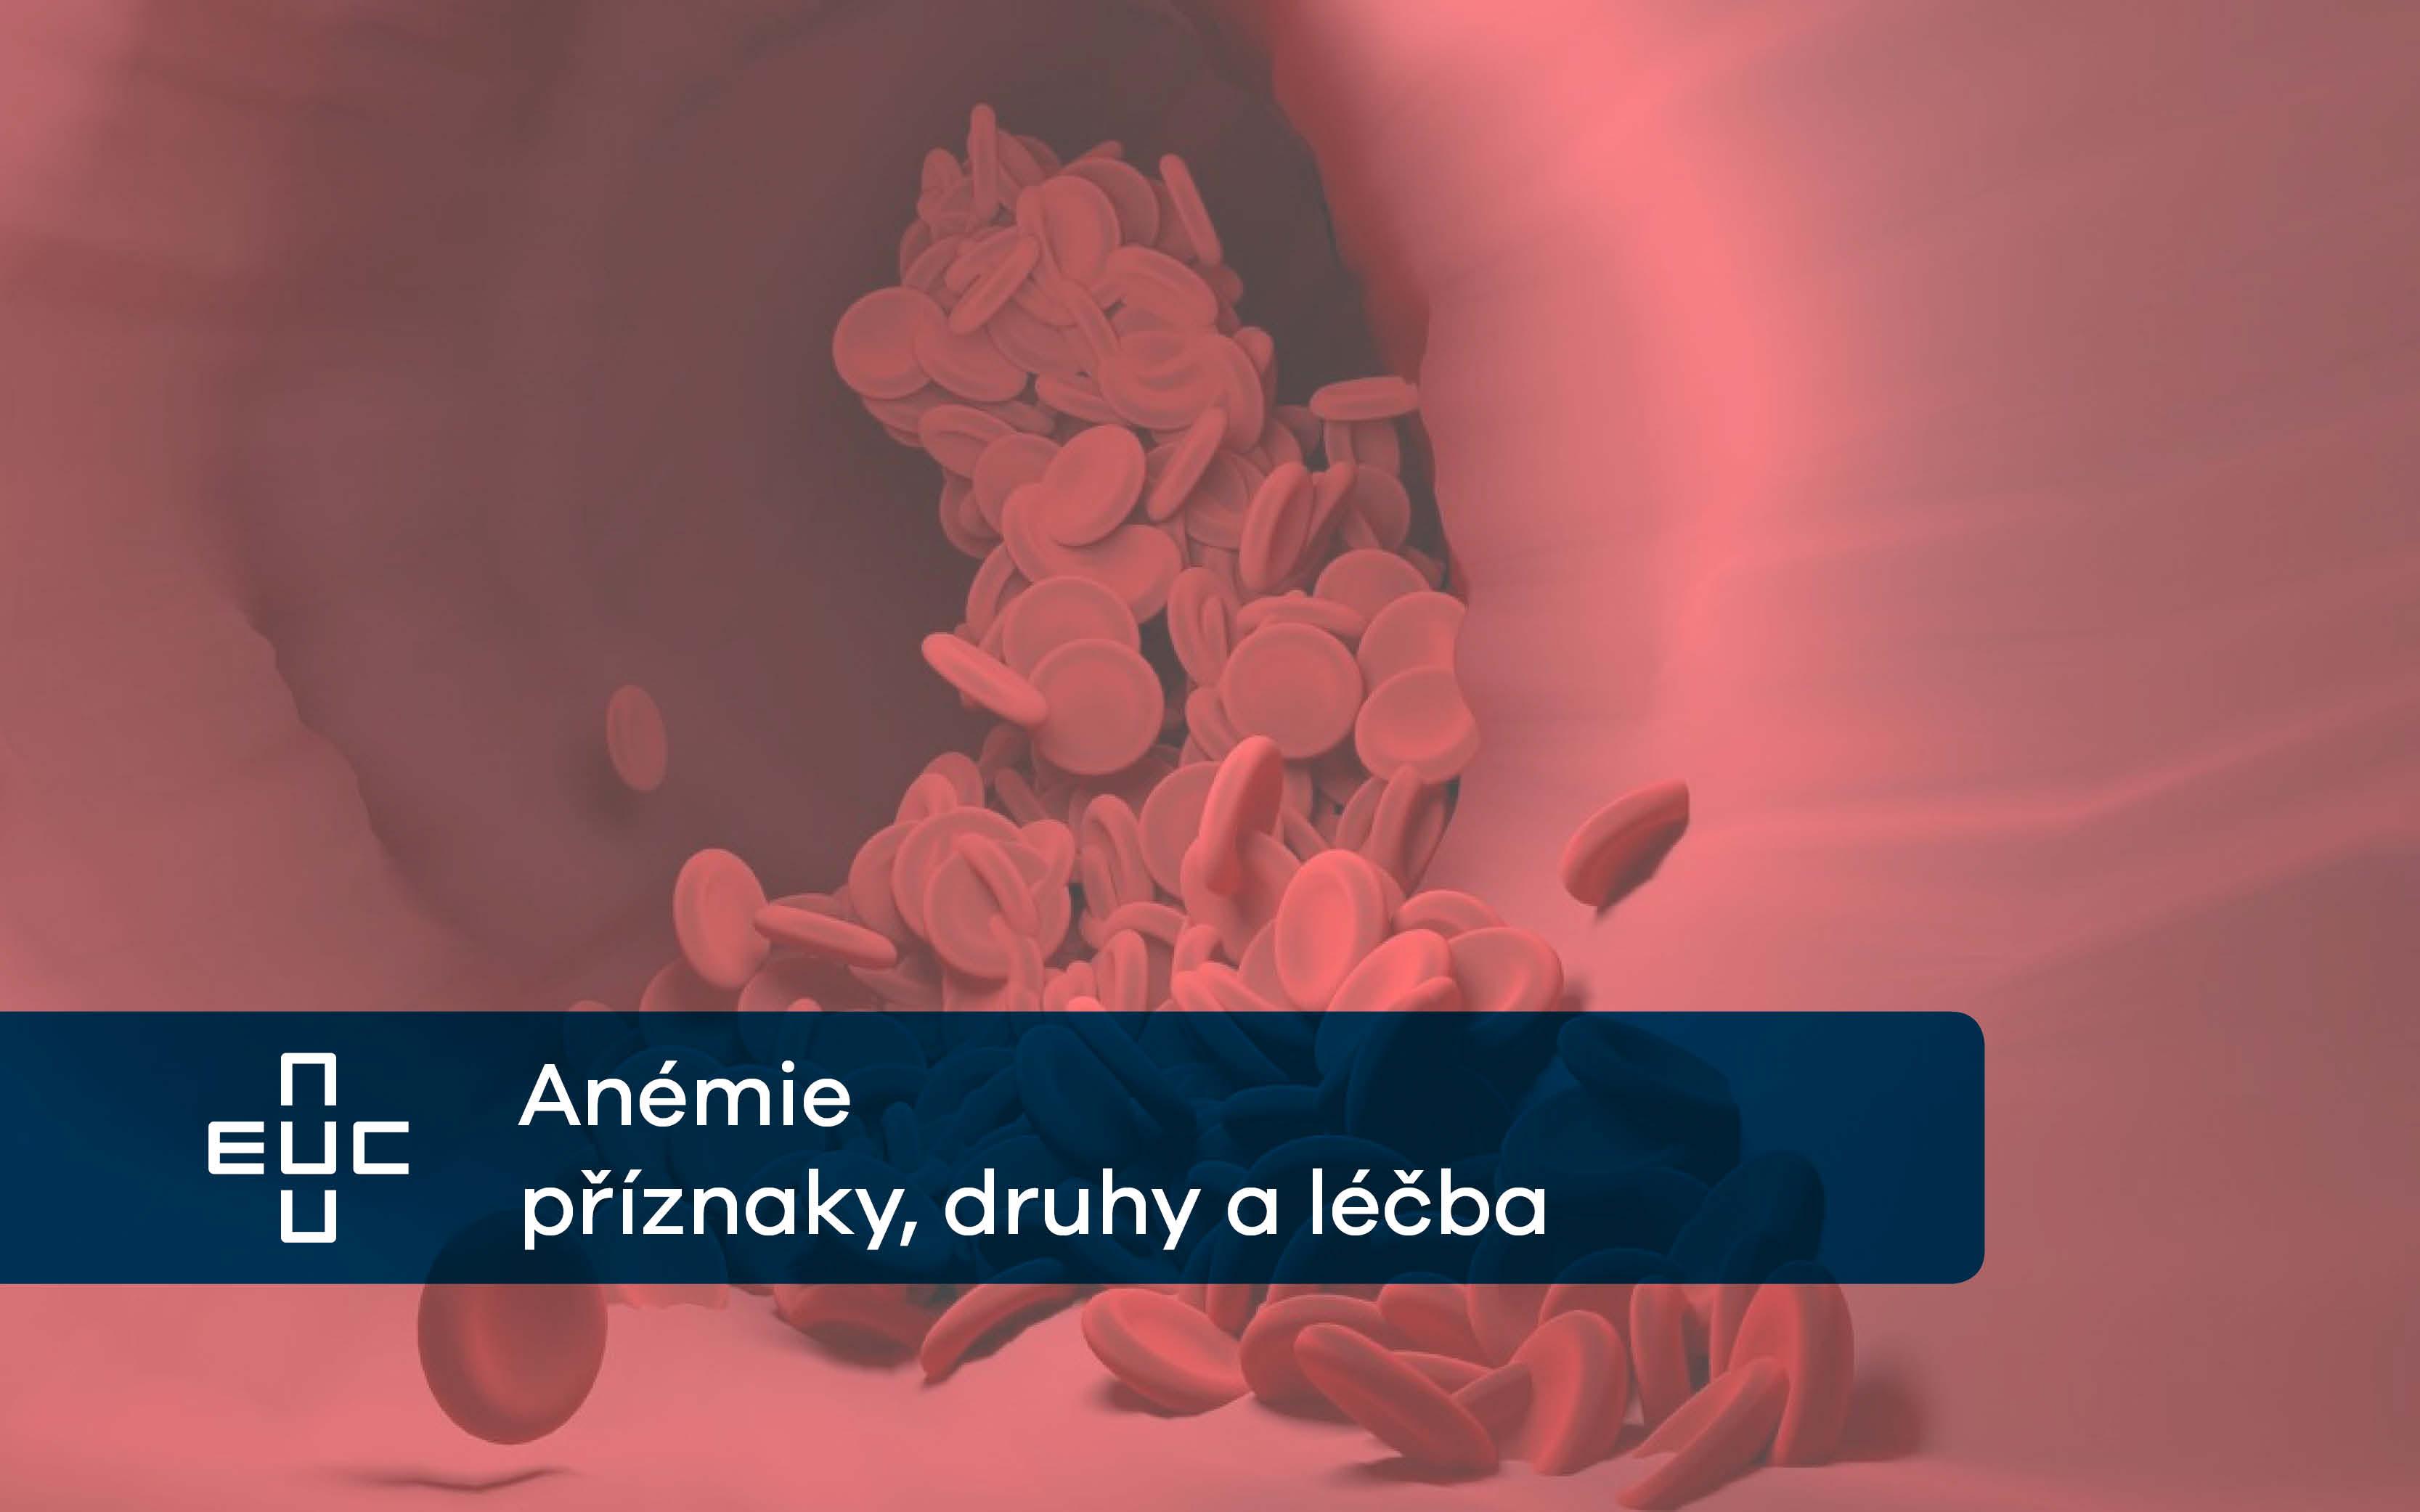 anemie z nedostatku erytropoetinu)